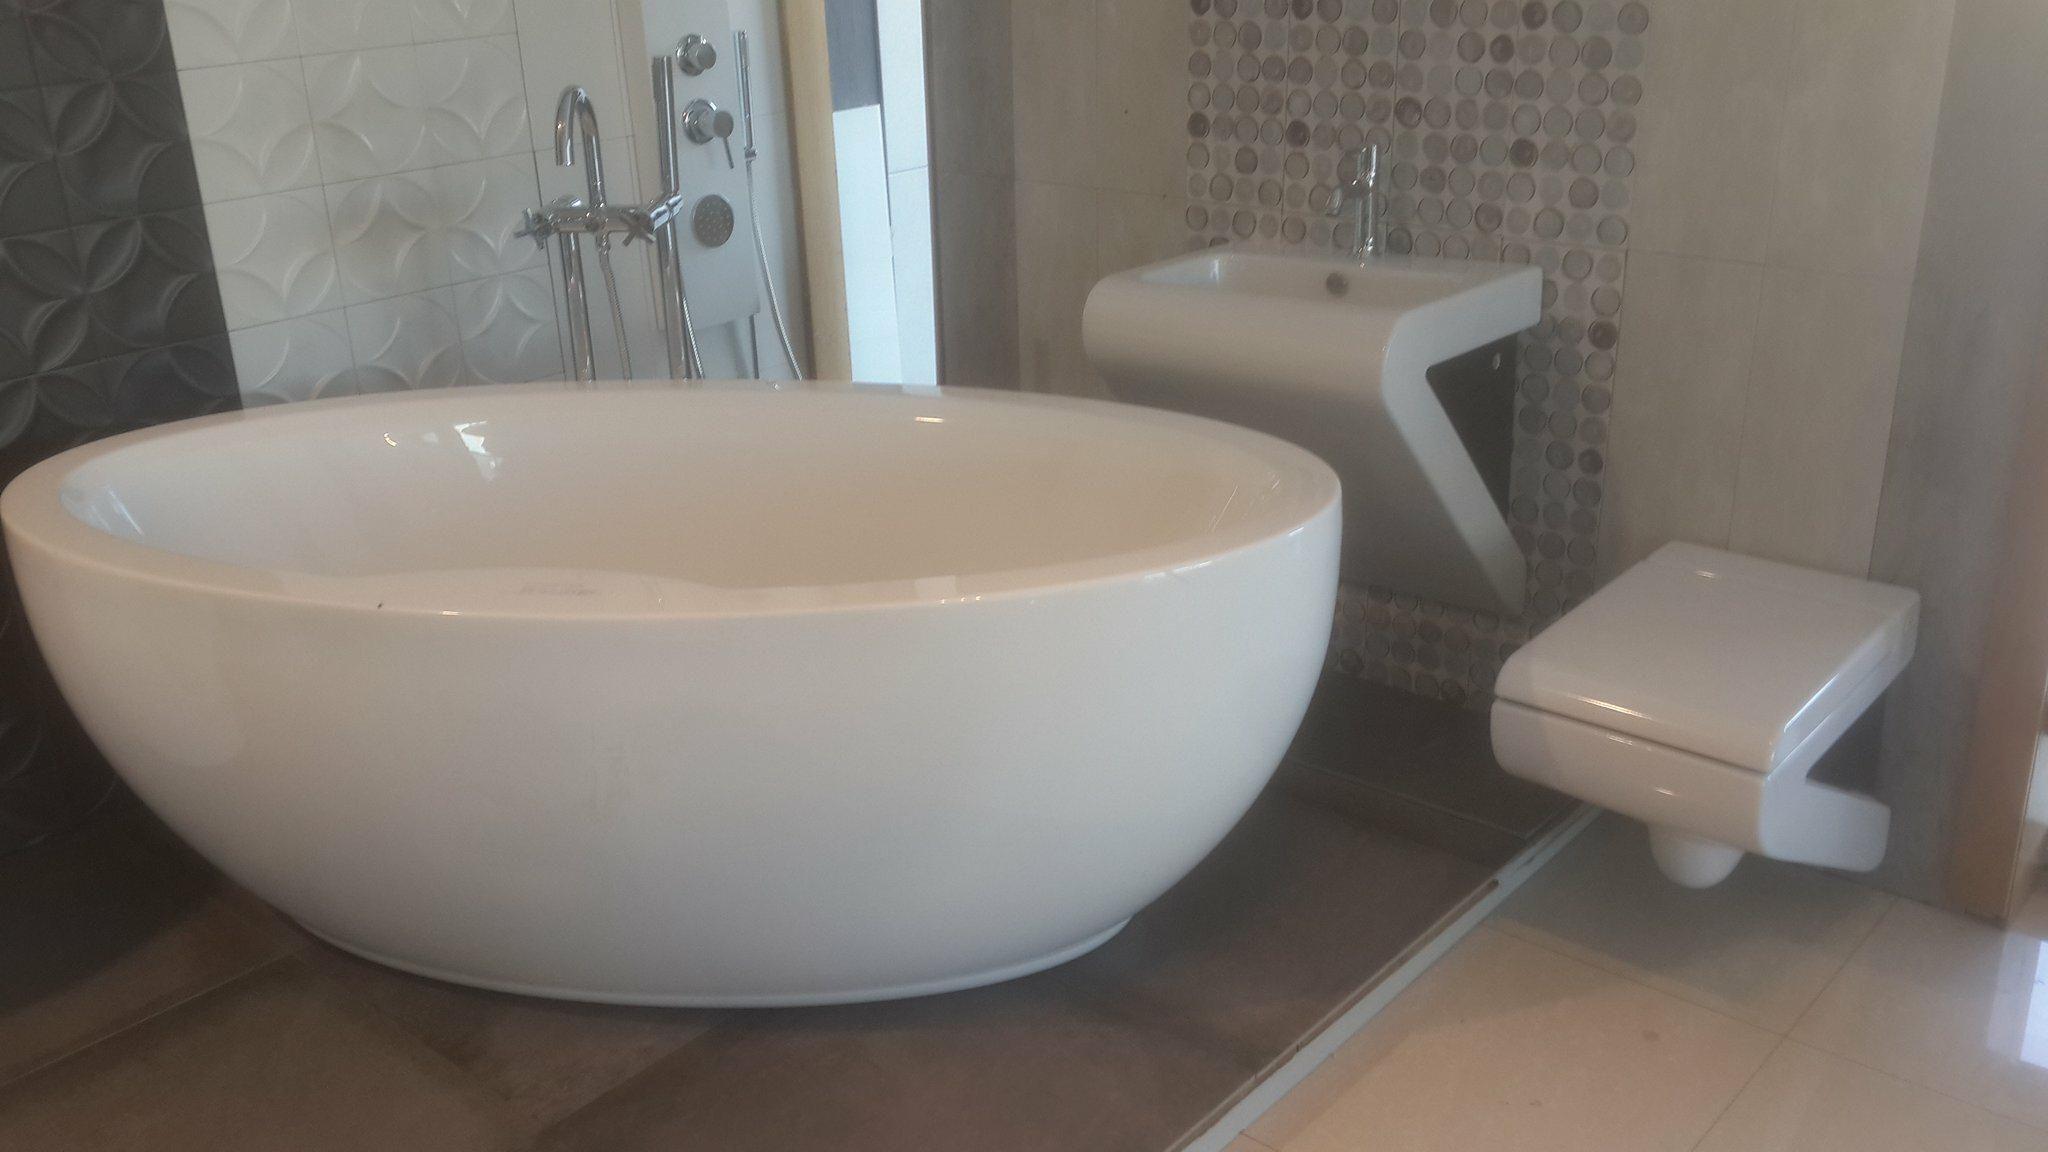 Lavabo Salle De Bain Ovale ~ sanitaire salle de bain equipement sanitaire art ceram crc